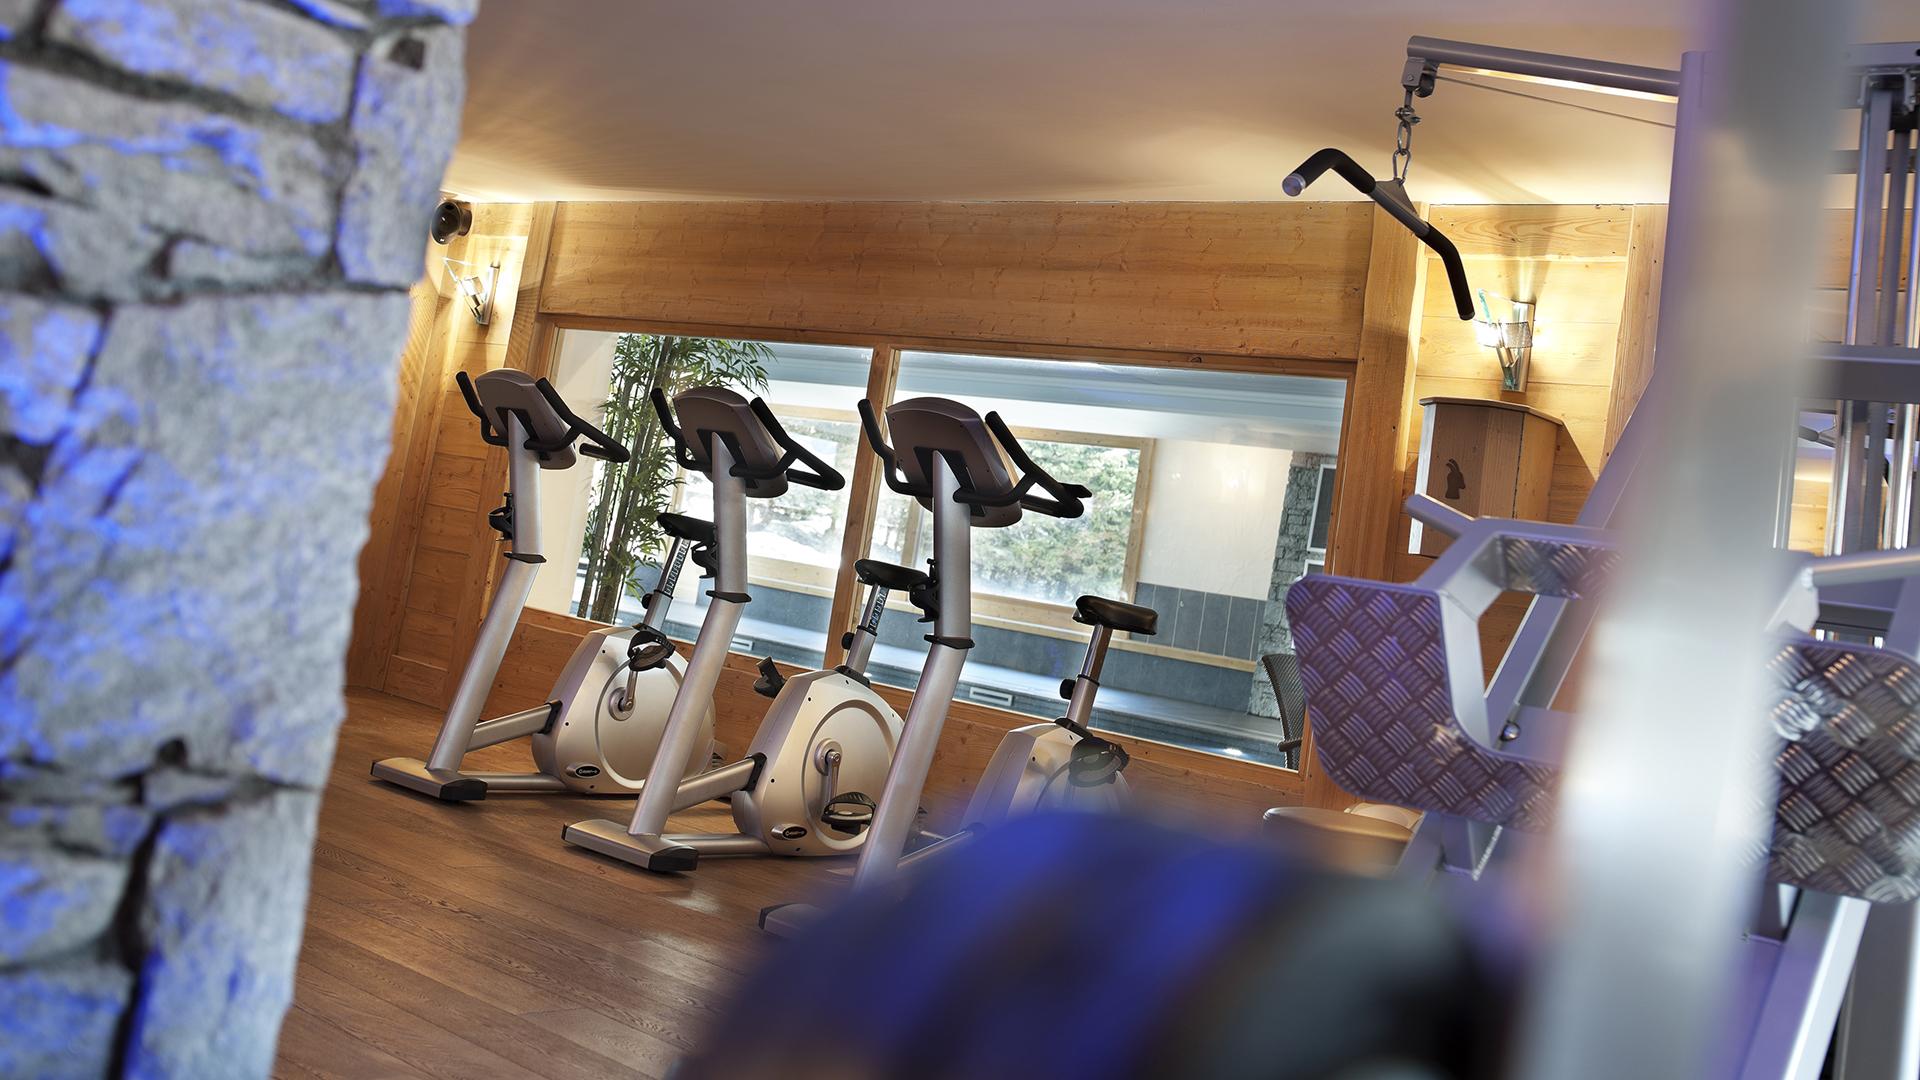 Salle de cardio training, Les Chalets de Jouvence - CGH Résidences